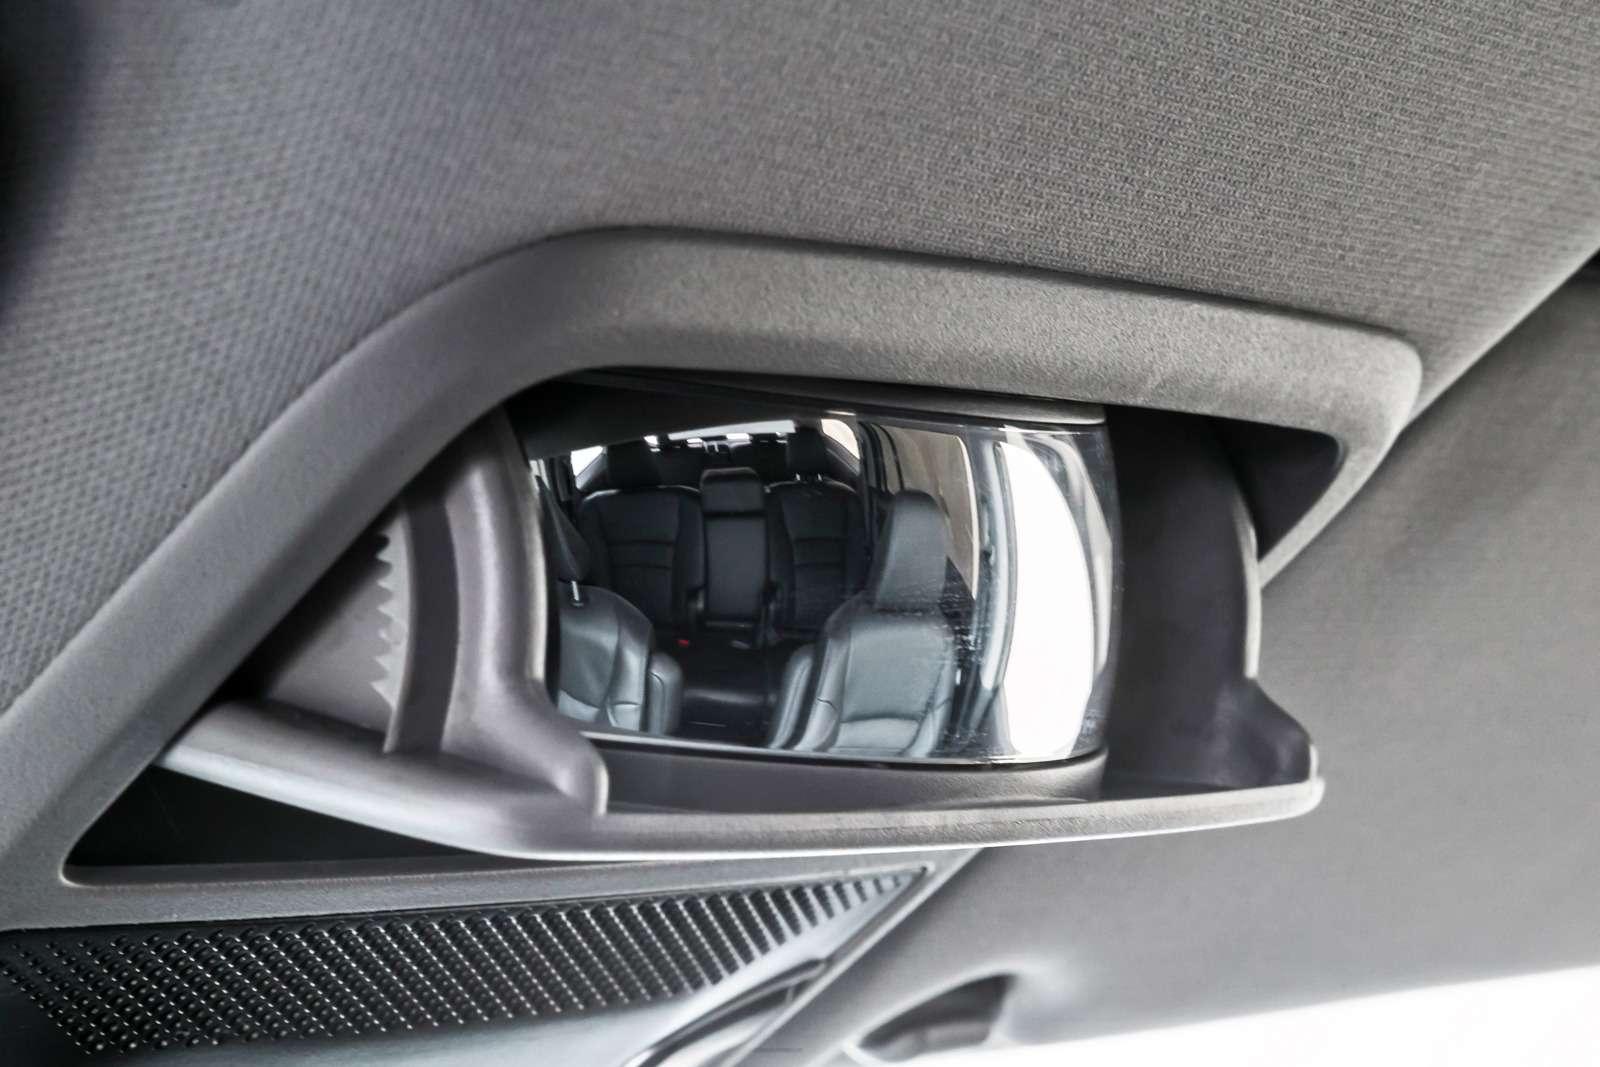 Тест полноразмерных кроссоверов: Honda Pilot, Kia Sorento Prime иFord Explorer— фото 614977